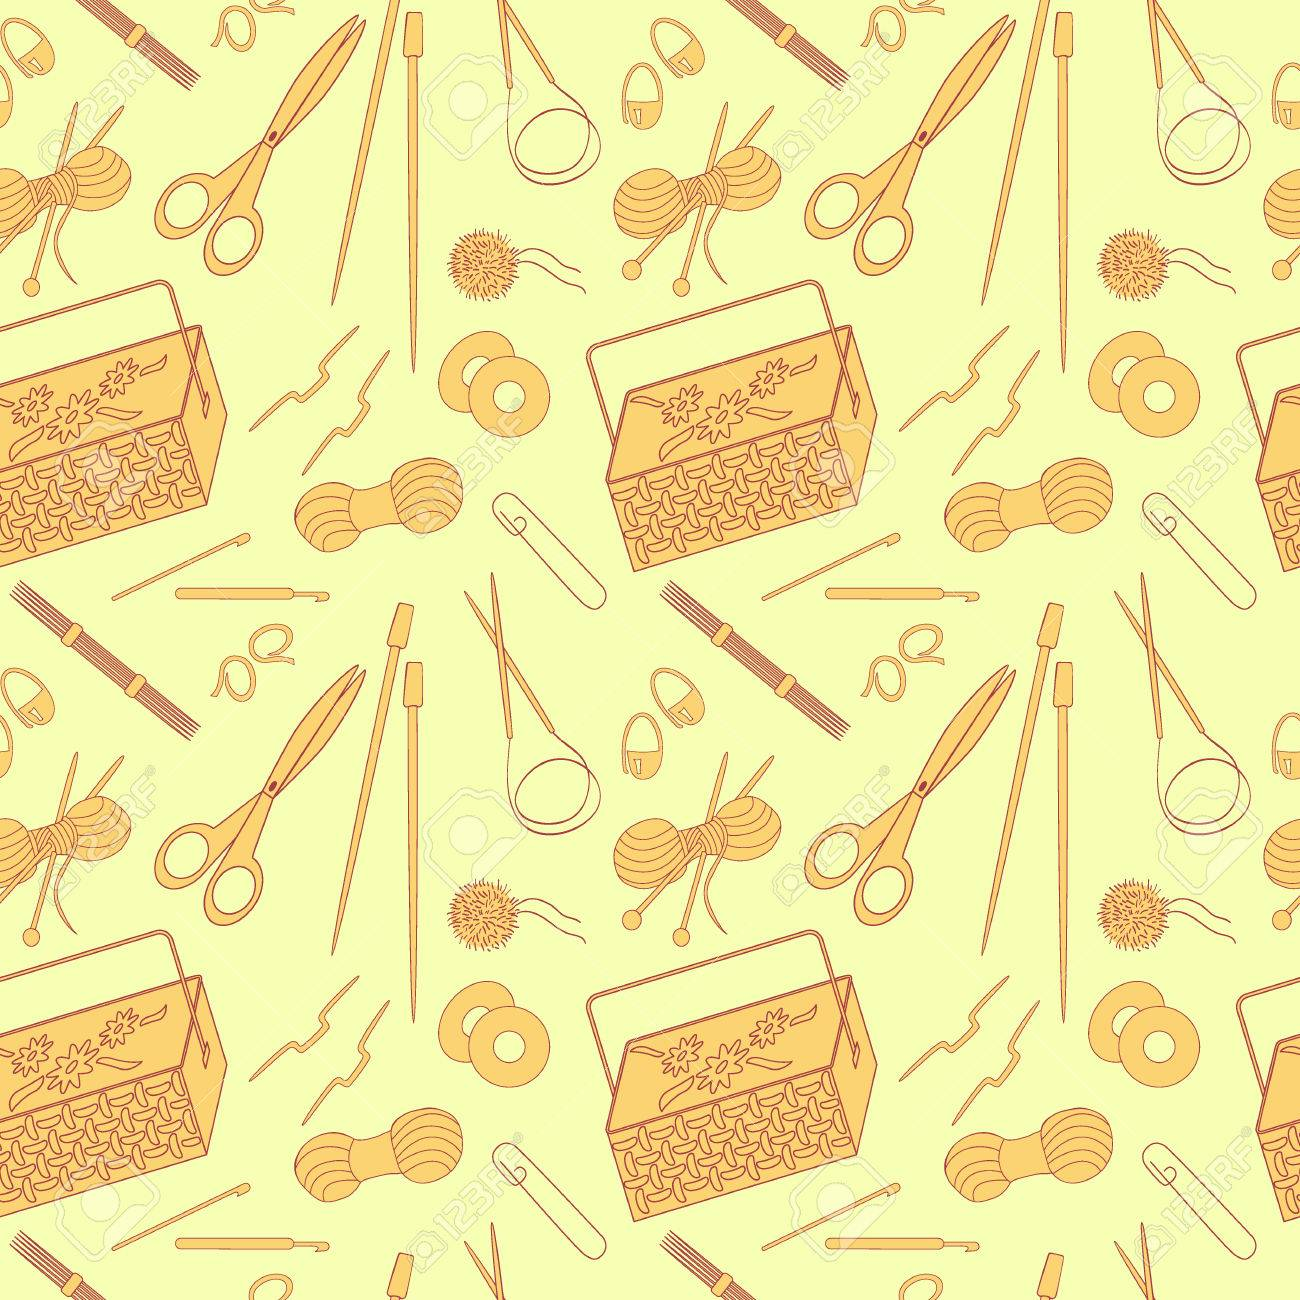 Luxury Häkelarbeitblume Schaltfläche Muster Photo - Decke Stricken ...